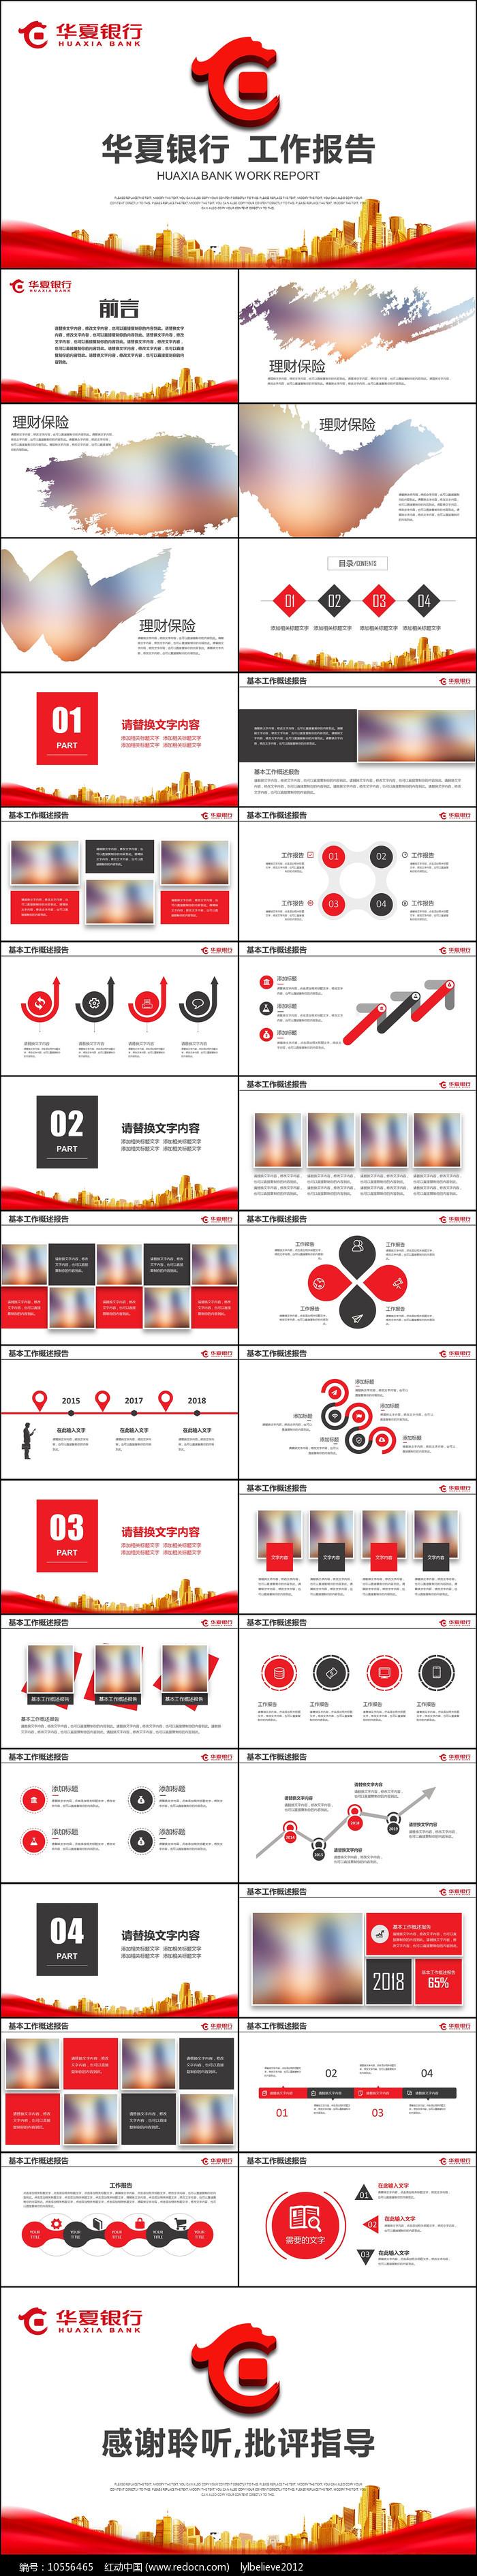 华夏银行金融理财总结计划汇报PPT模版图片